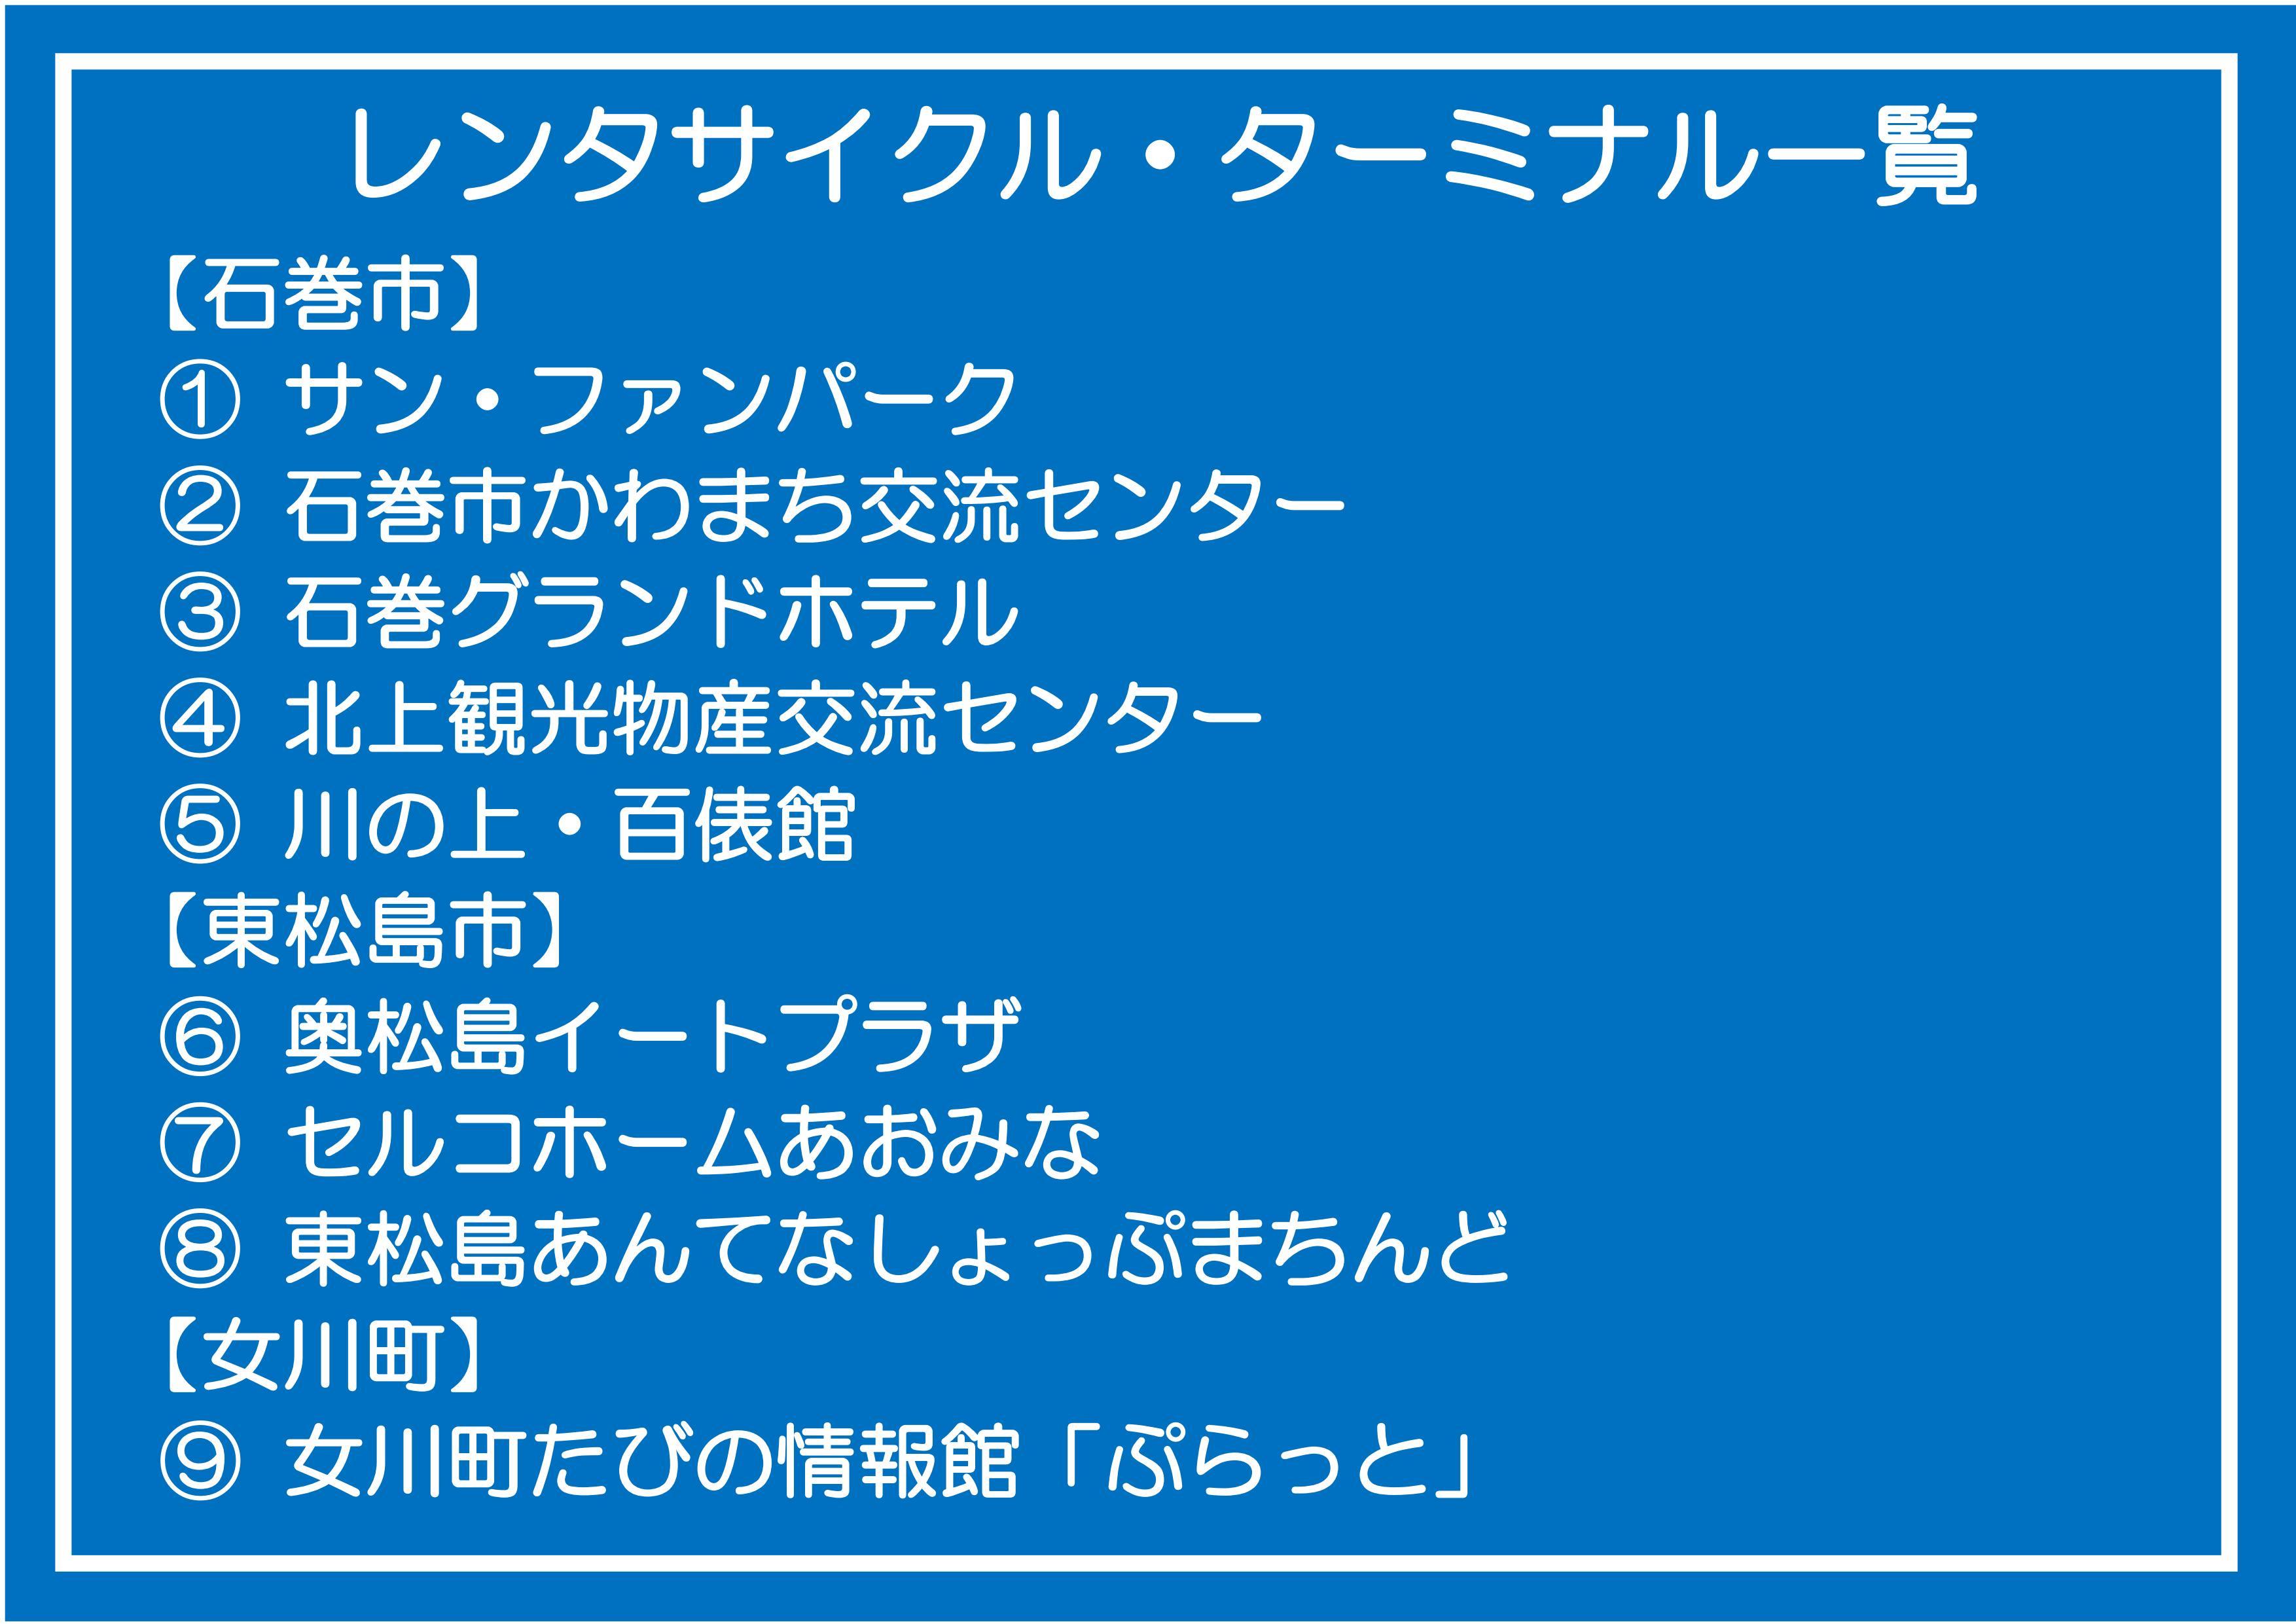 【東松島市】奥松島イートプラザ 電動アシスト自転車 1日2台限定【コース番号:80606】